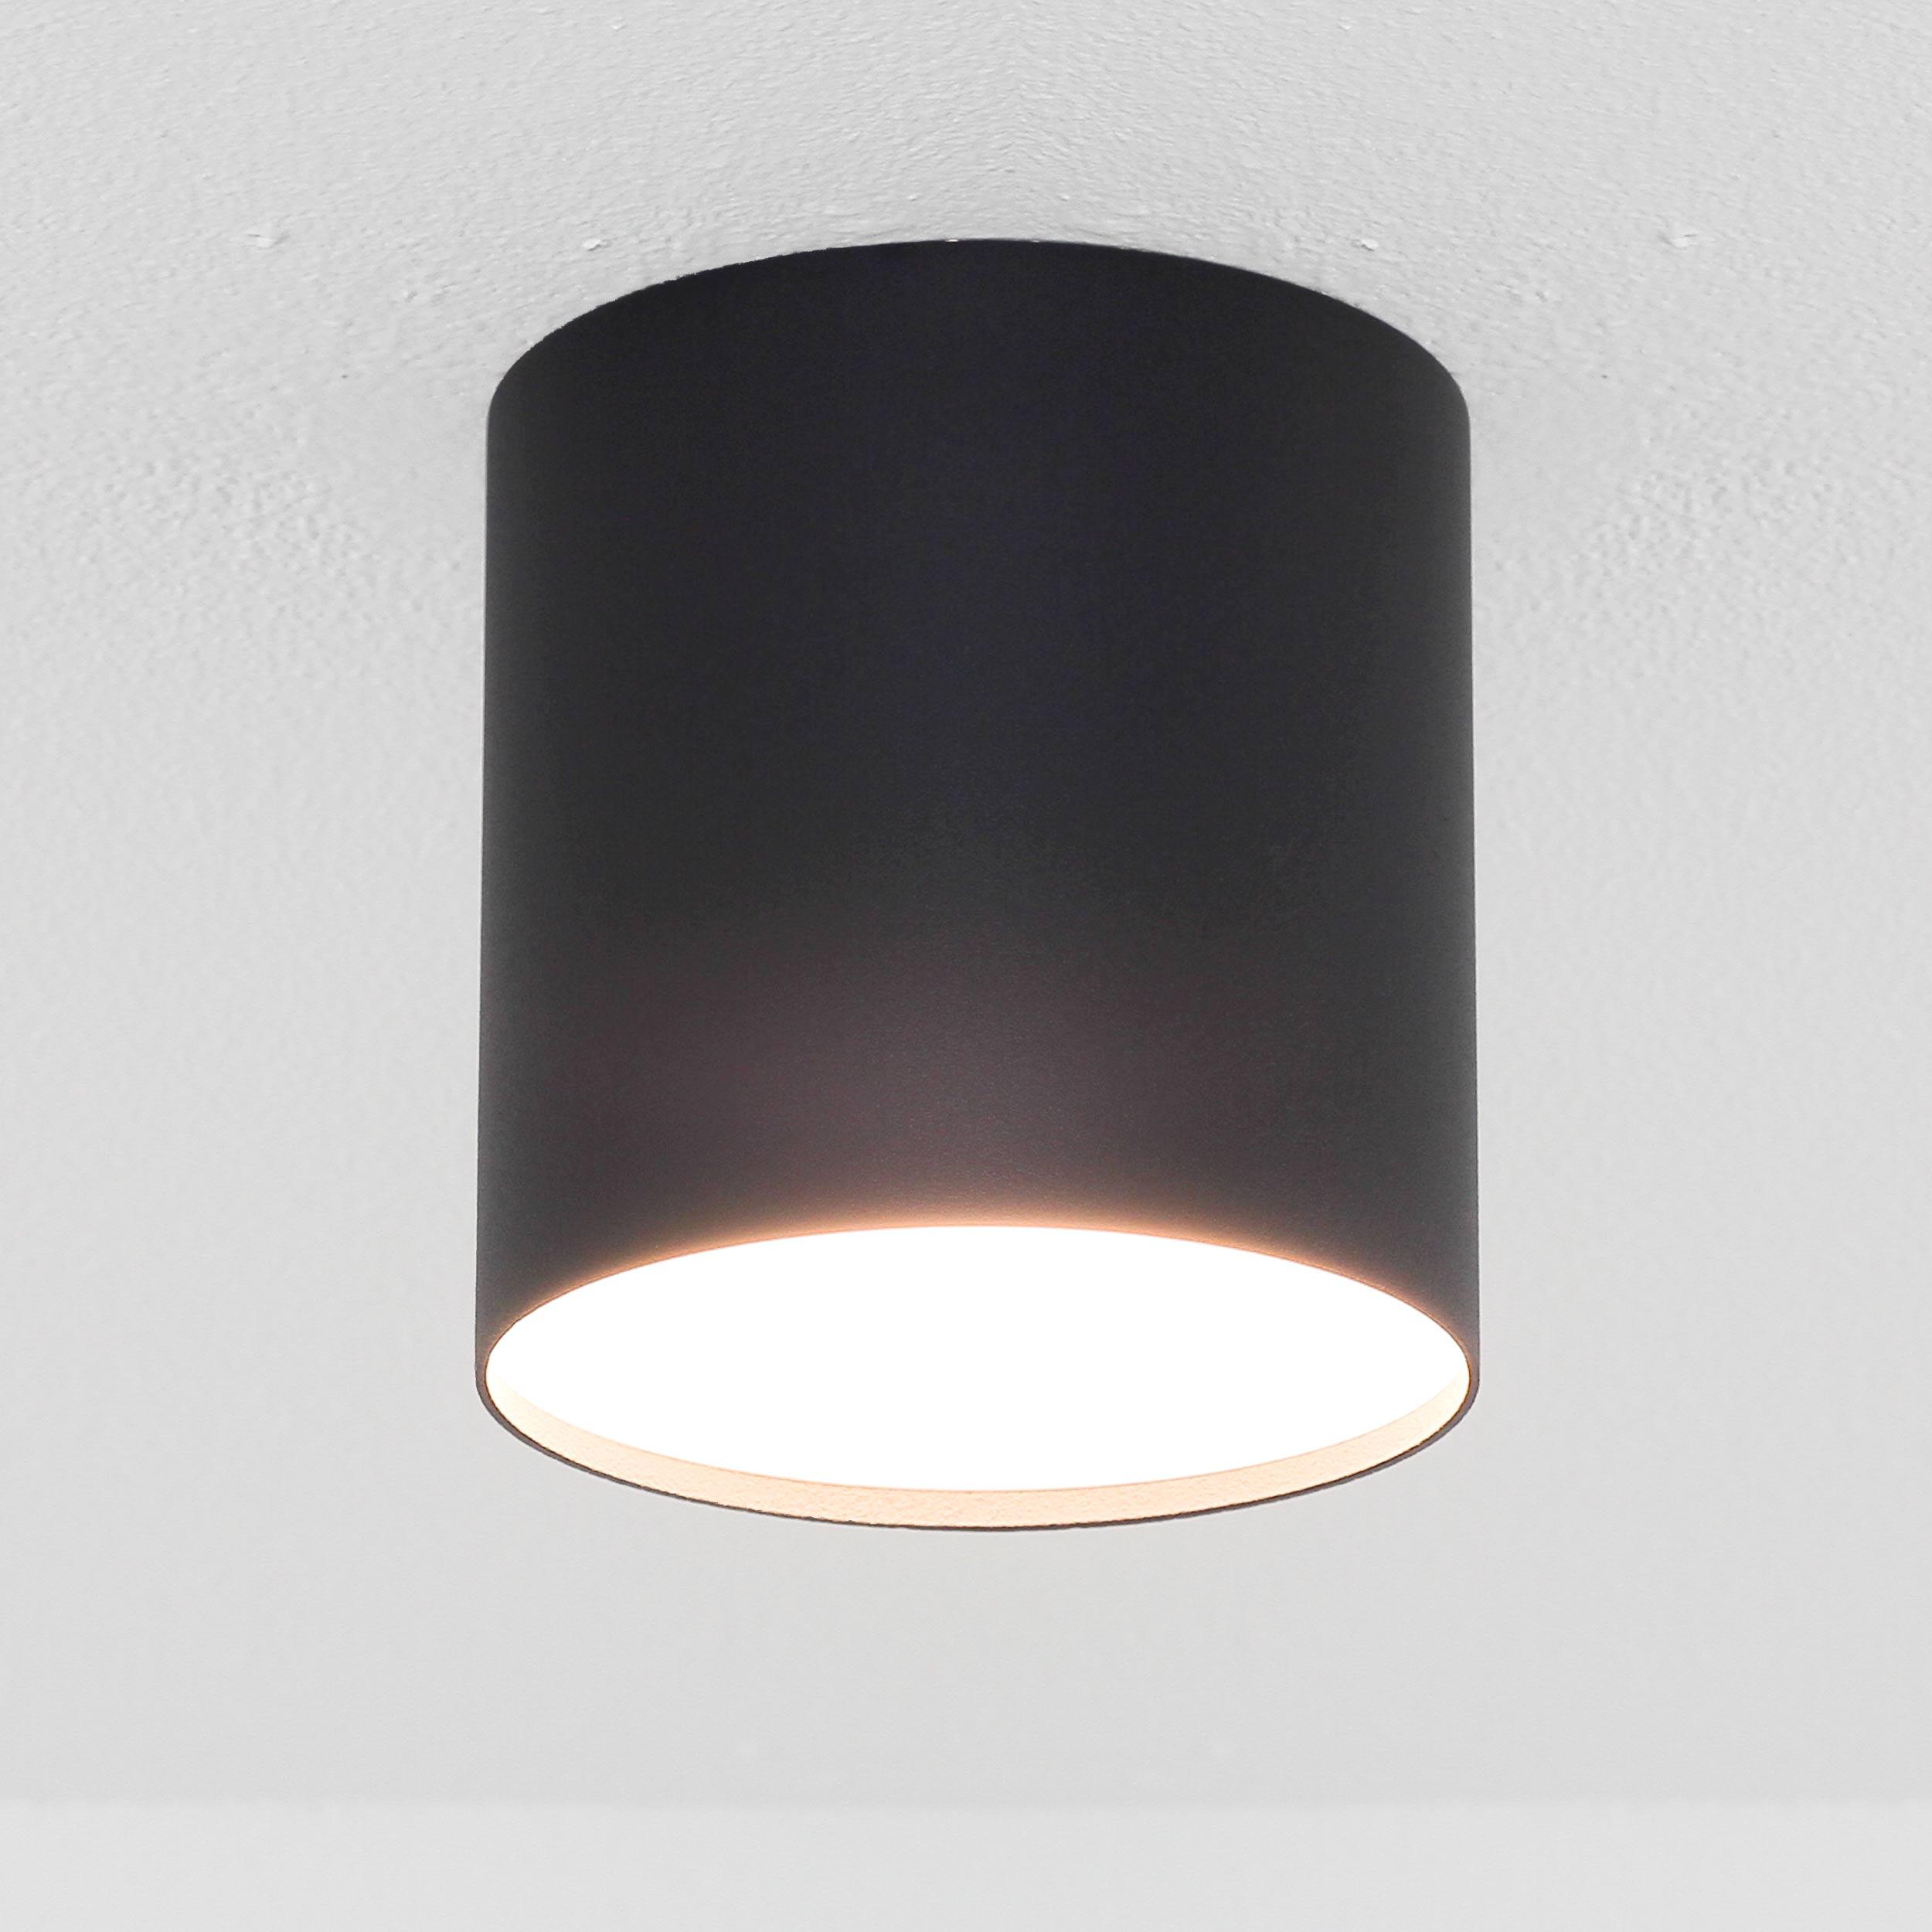 Moderne Spot Lampe Decke Schwarz Ø13cm GU10 POINT